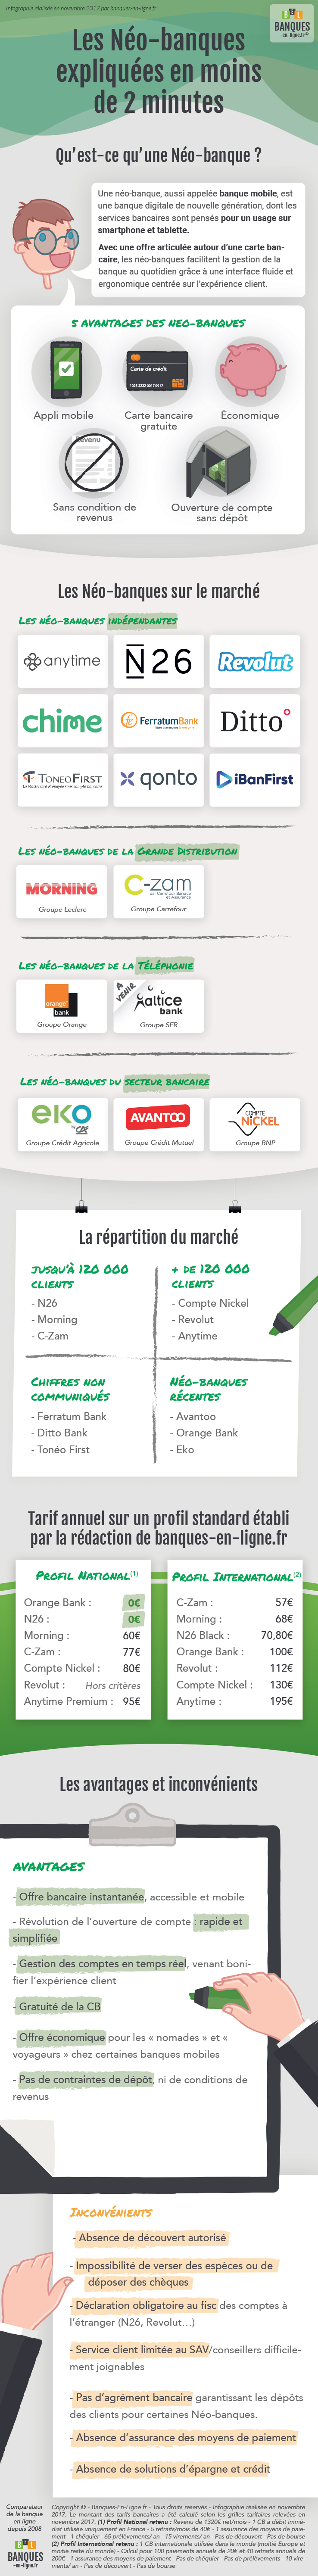 Infographie expliquant les Néo-banques